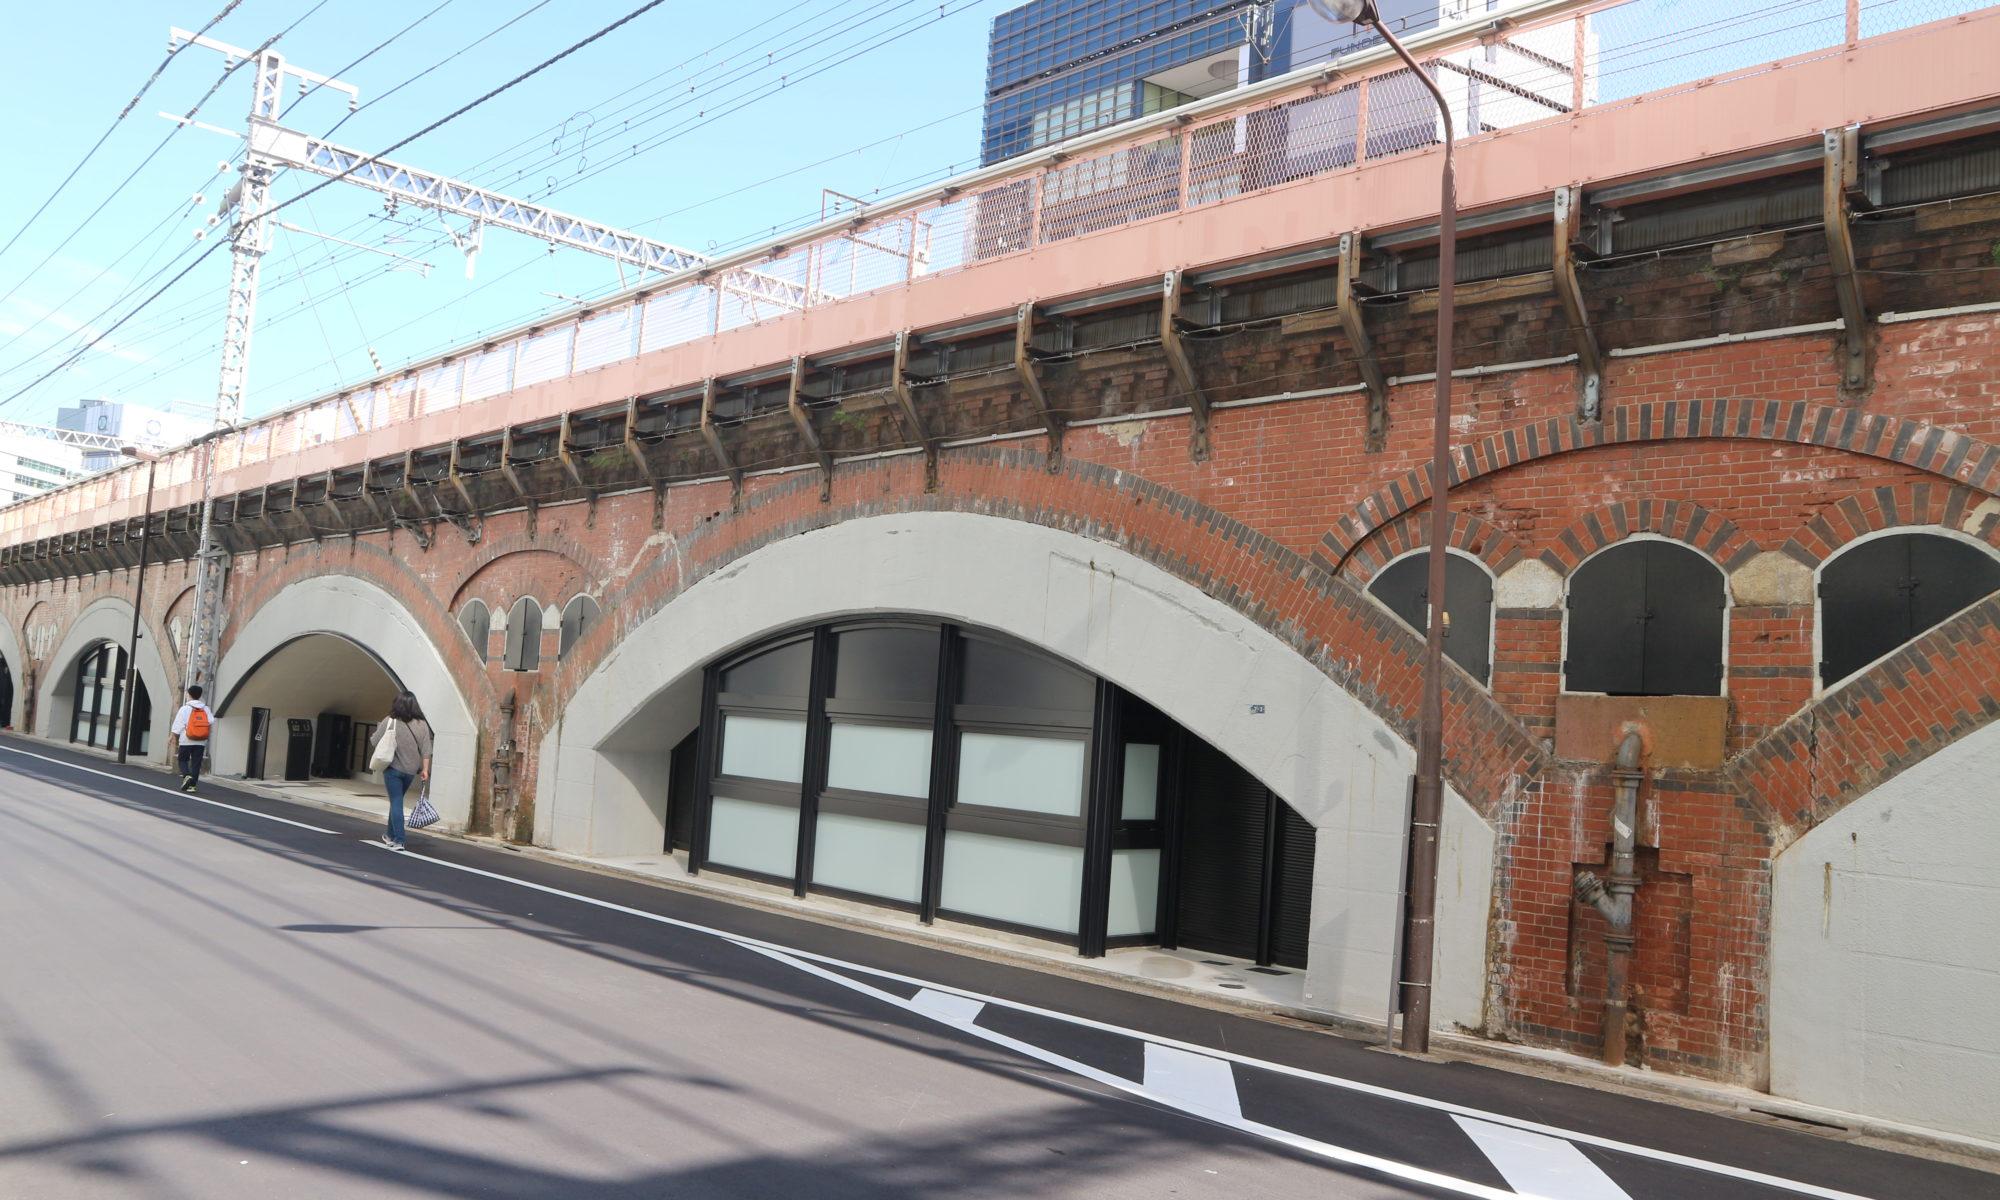 【日比谷】高架下の新スポット「日比谷OKUROJI」をさんぽ♪